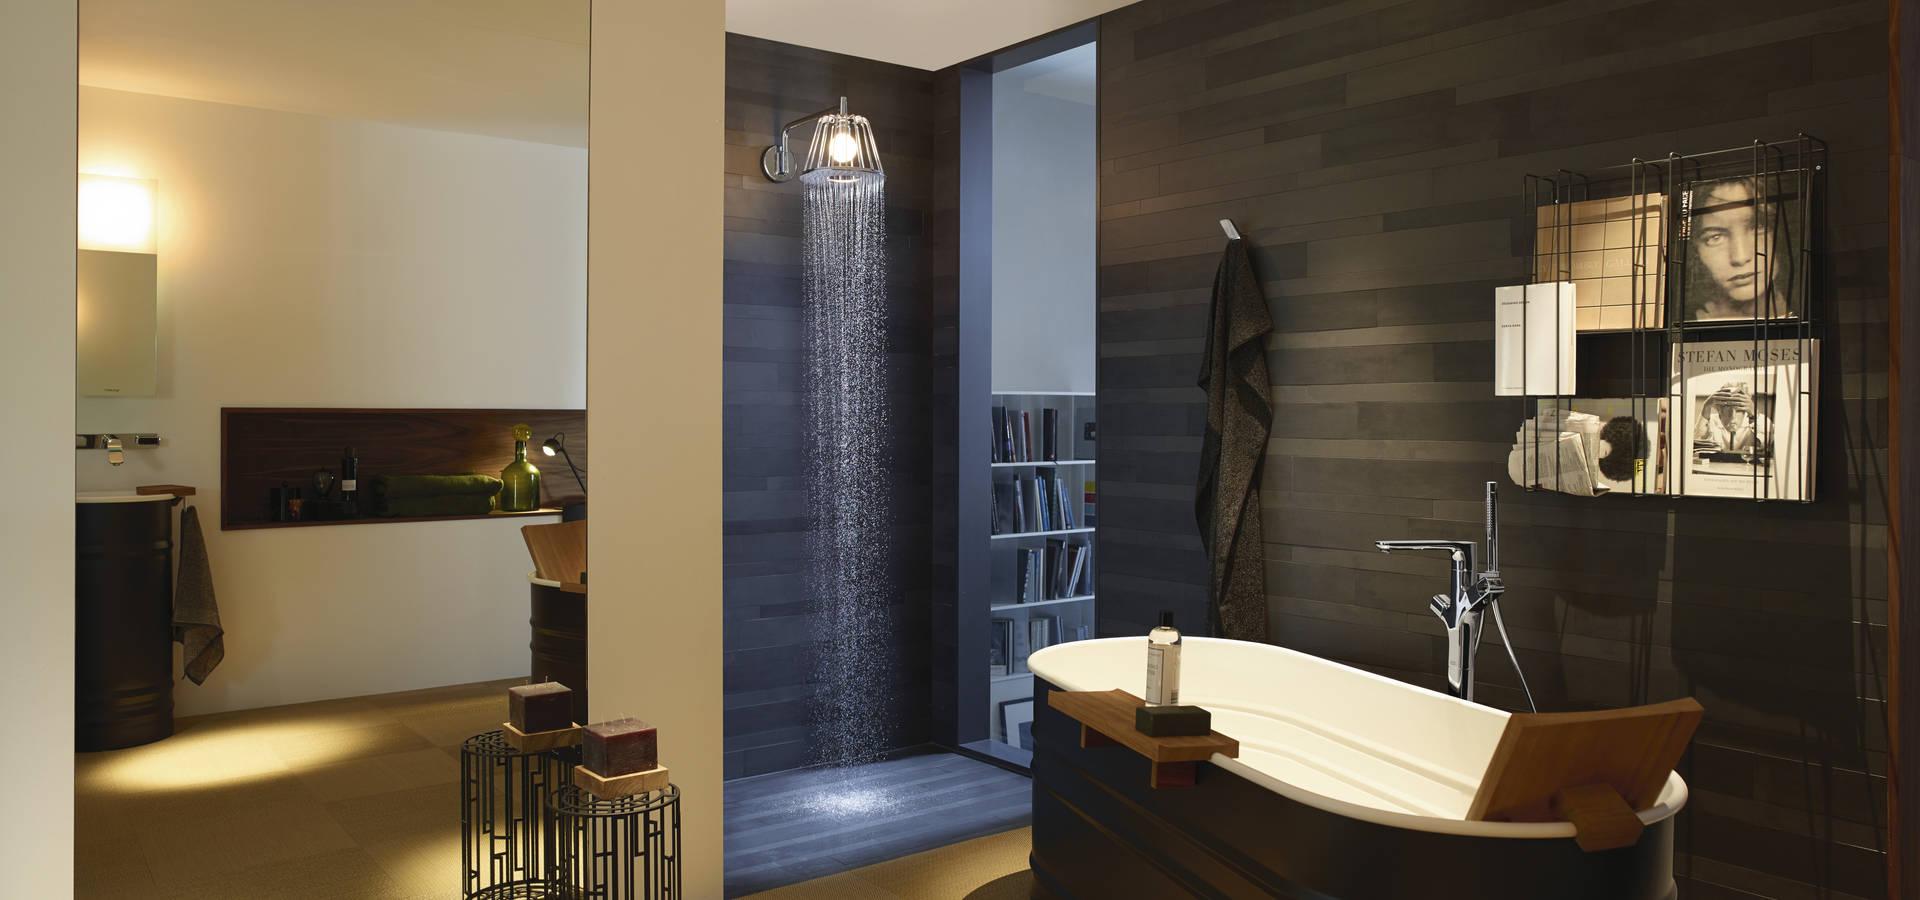 espace aubade salle de bains moderne de espace aubade homify. Black Bedroom Furniture Sets. Home Design Ideas